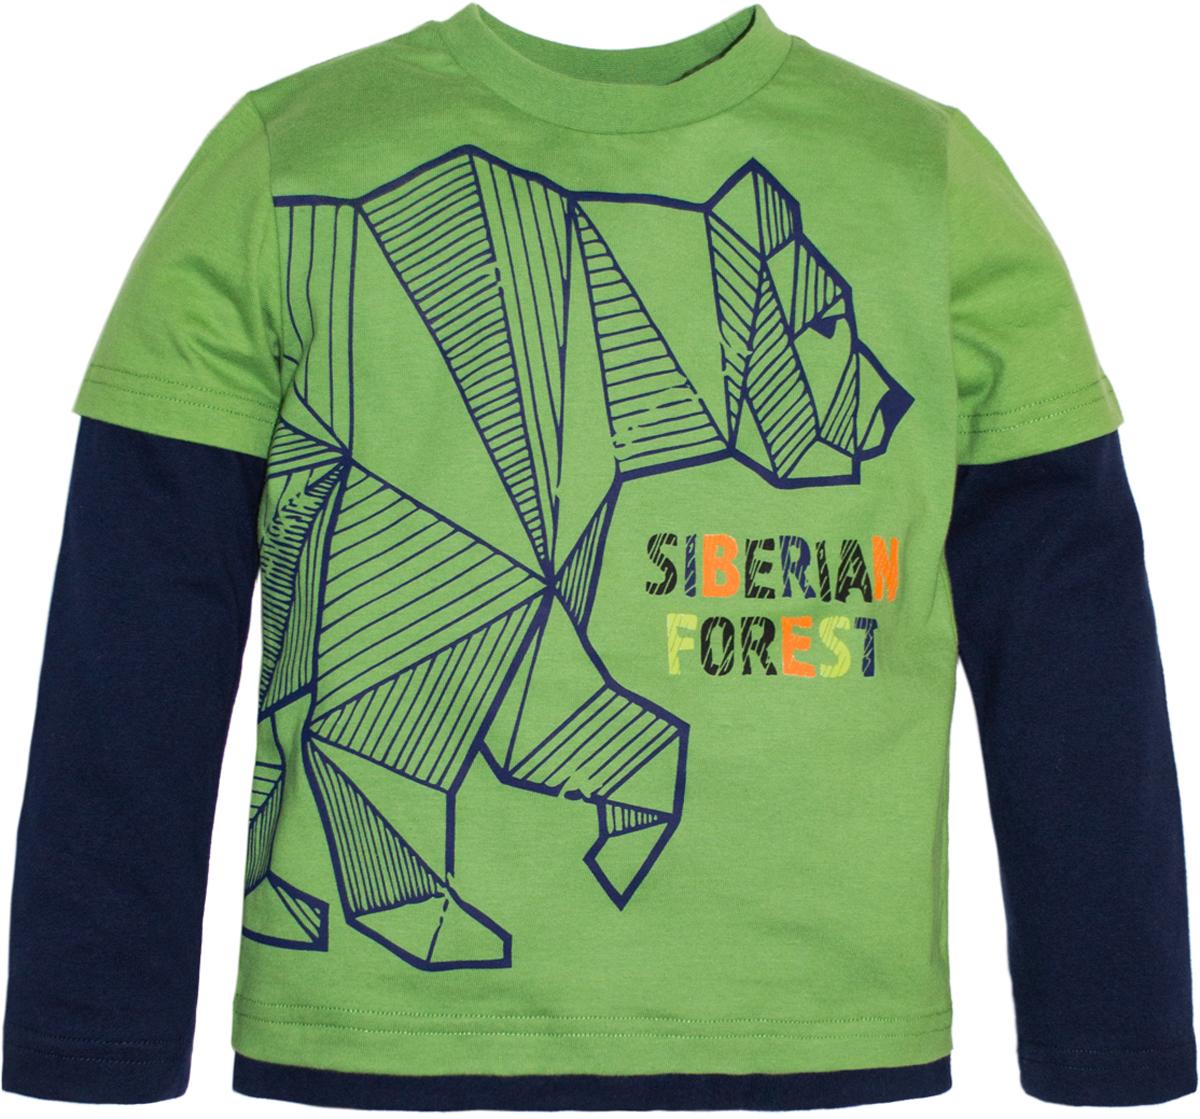 Футболка с длинным рукавом для мальчика Lets Go, цвет: зеленый. 6220. Размер 926220Стильная футболка с длинным рукавом Lets Go для мальчика выполнена из хлопка. Модель с круглым вырезом горловины и длинными рукавами. Спереди модель оформлена оригинальным принтом.